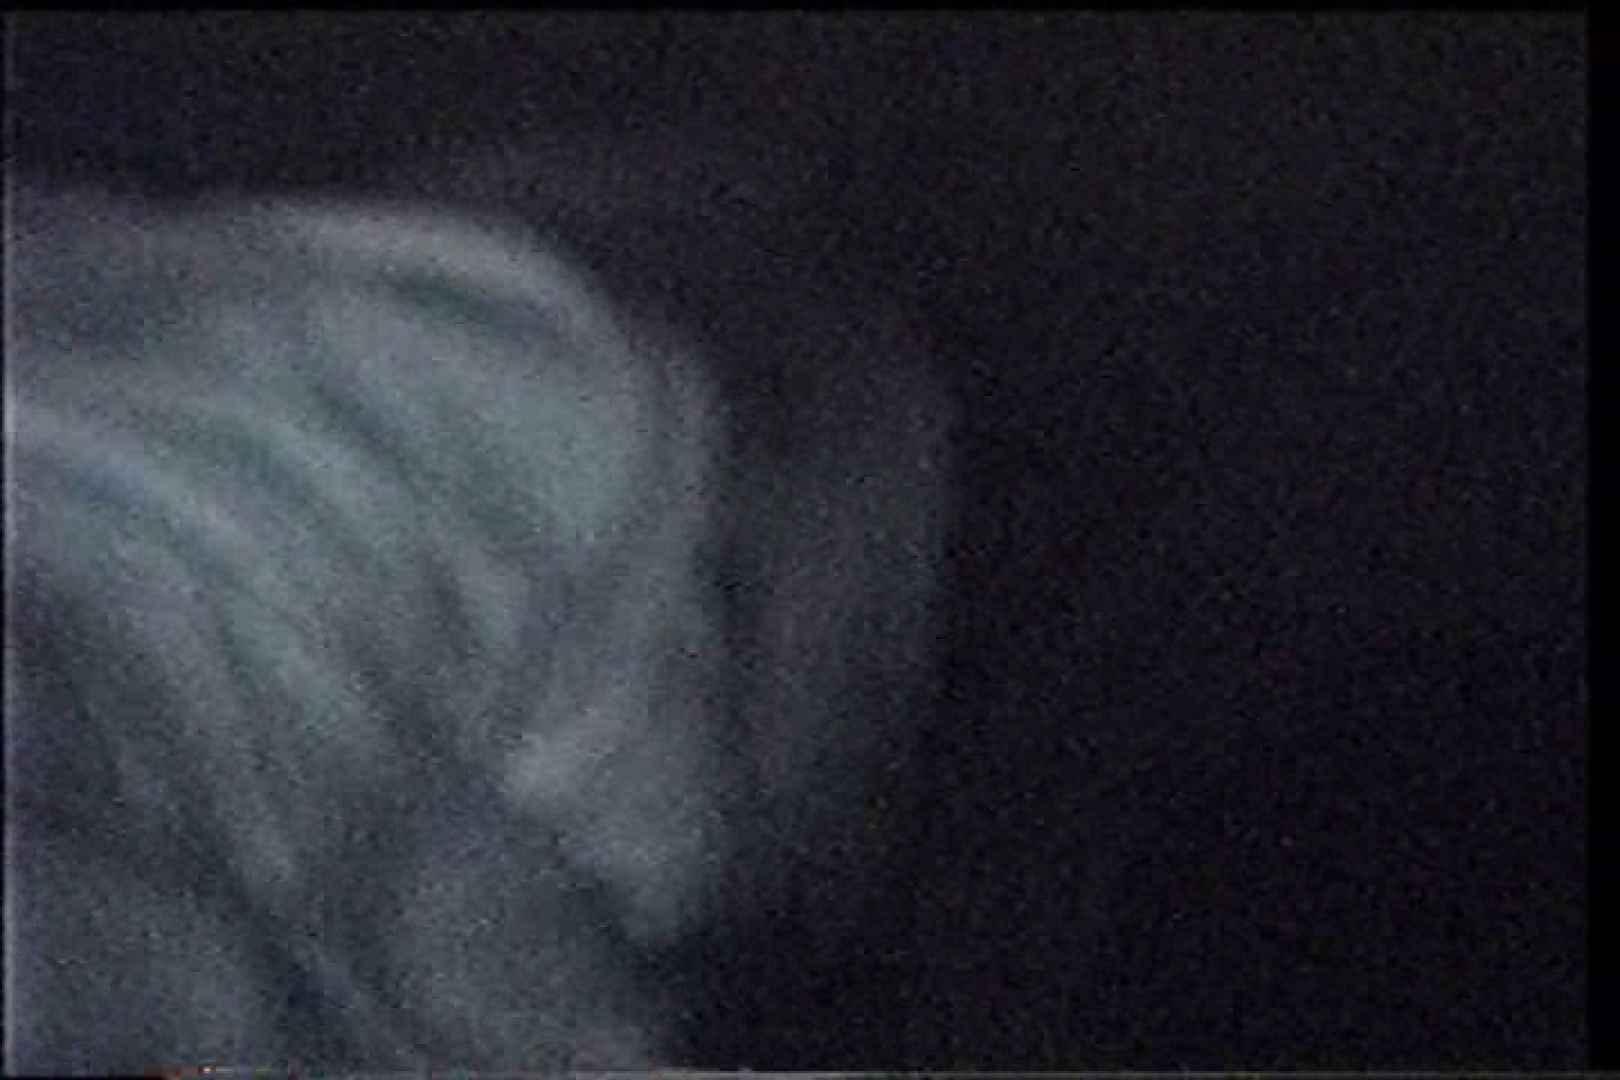 充血監督の深夜の運動会Vol.228 美乳 オメコ動画キャプチャ 76連発 65